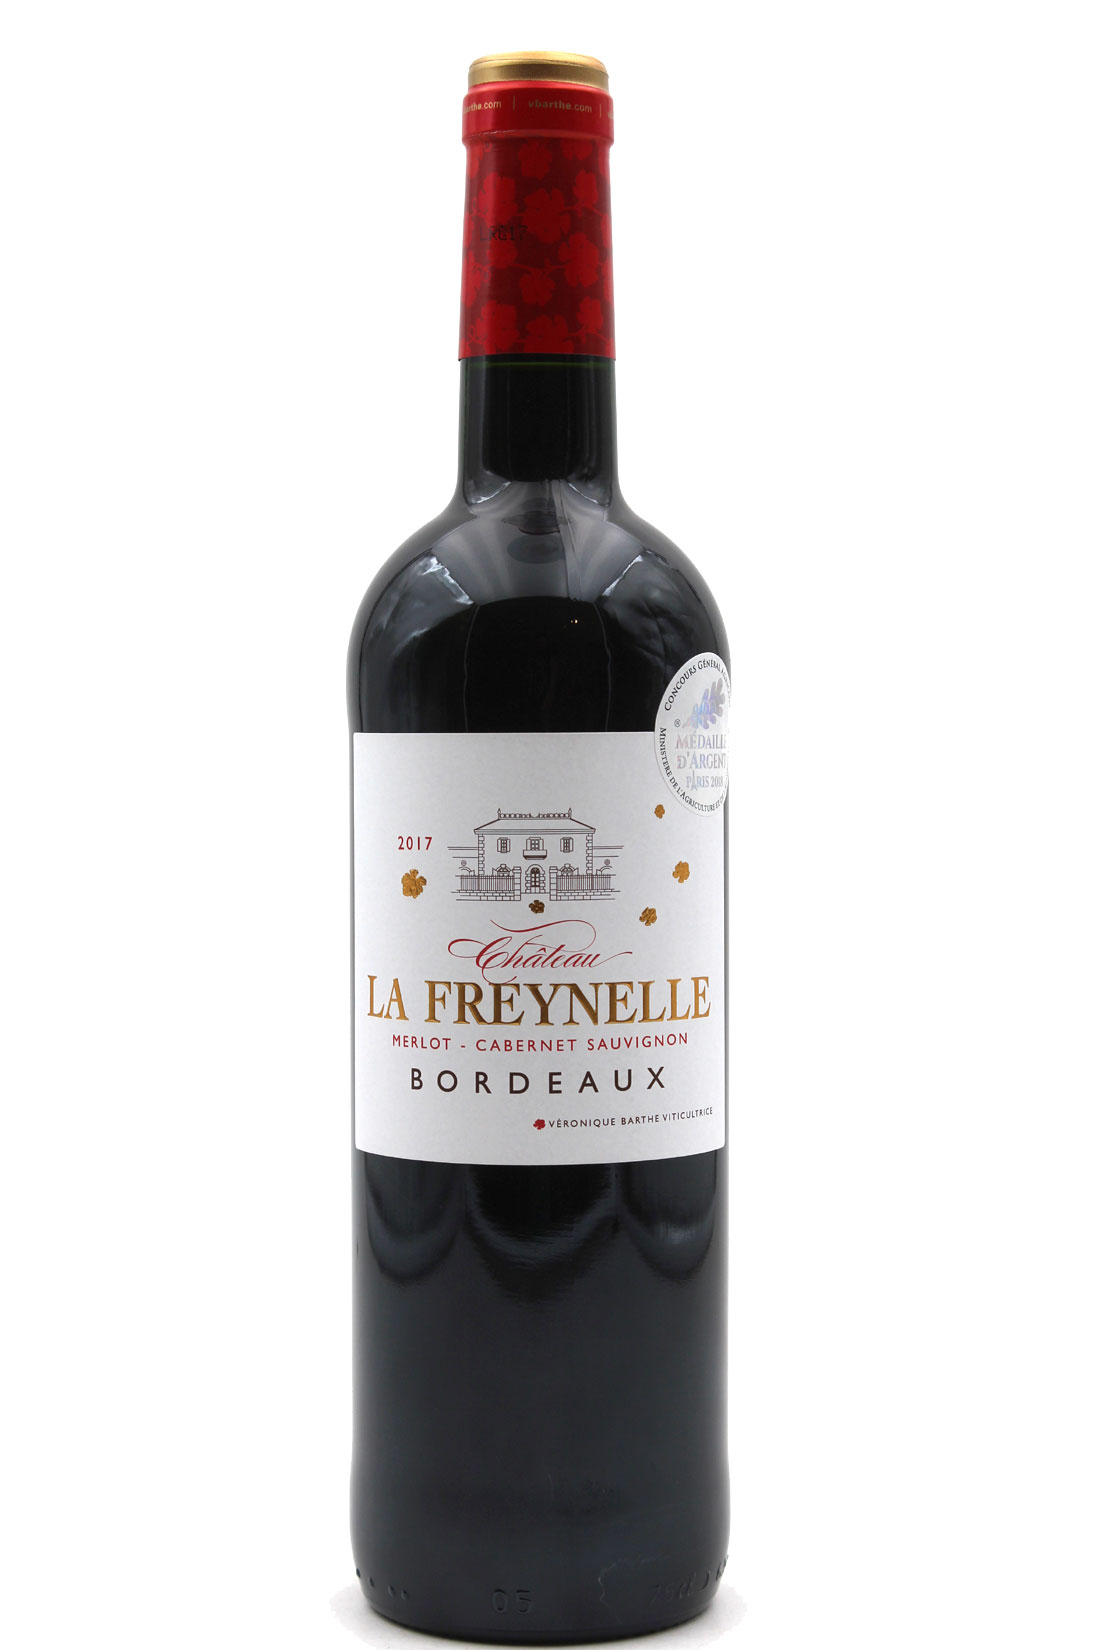 Château La Freynelle 2017 Rouge - Bordeaux